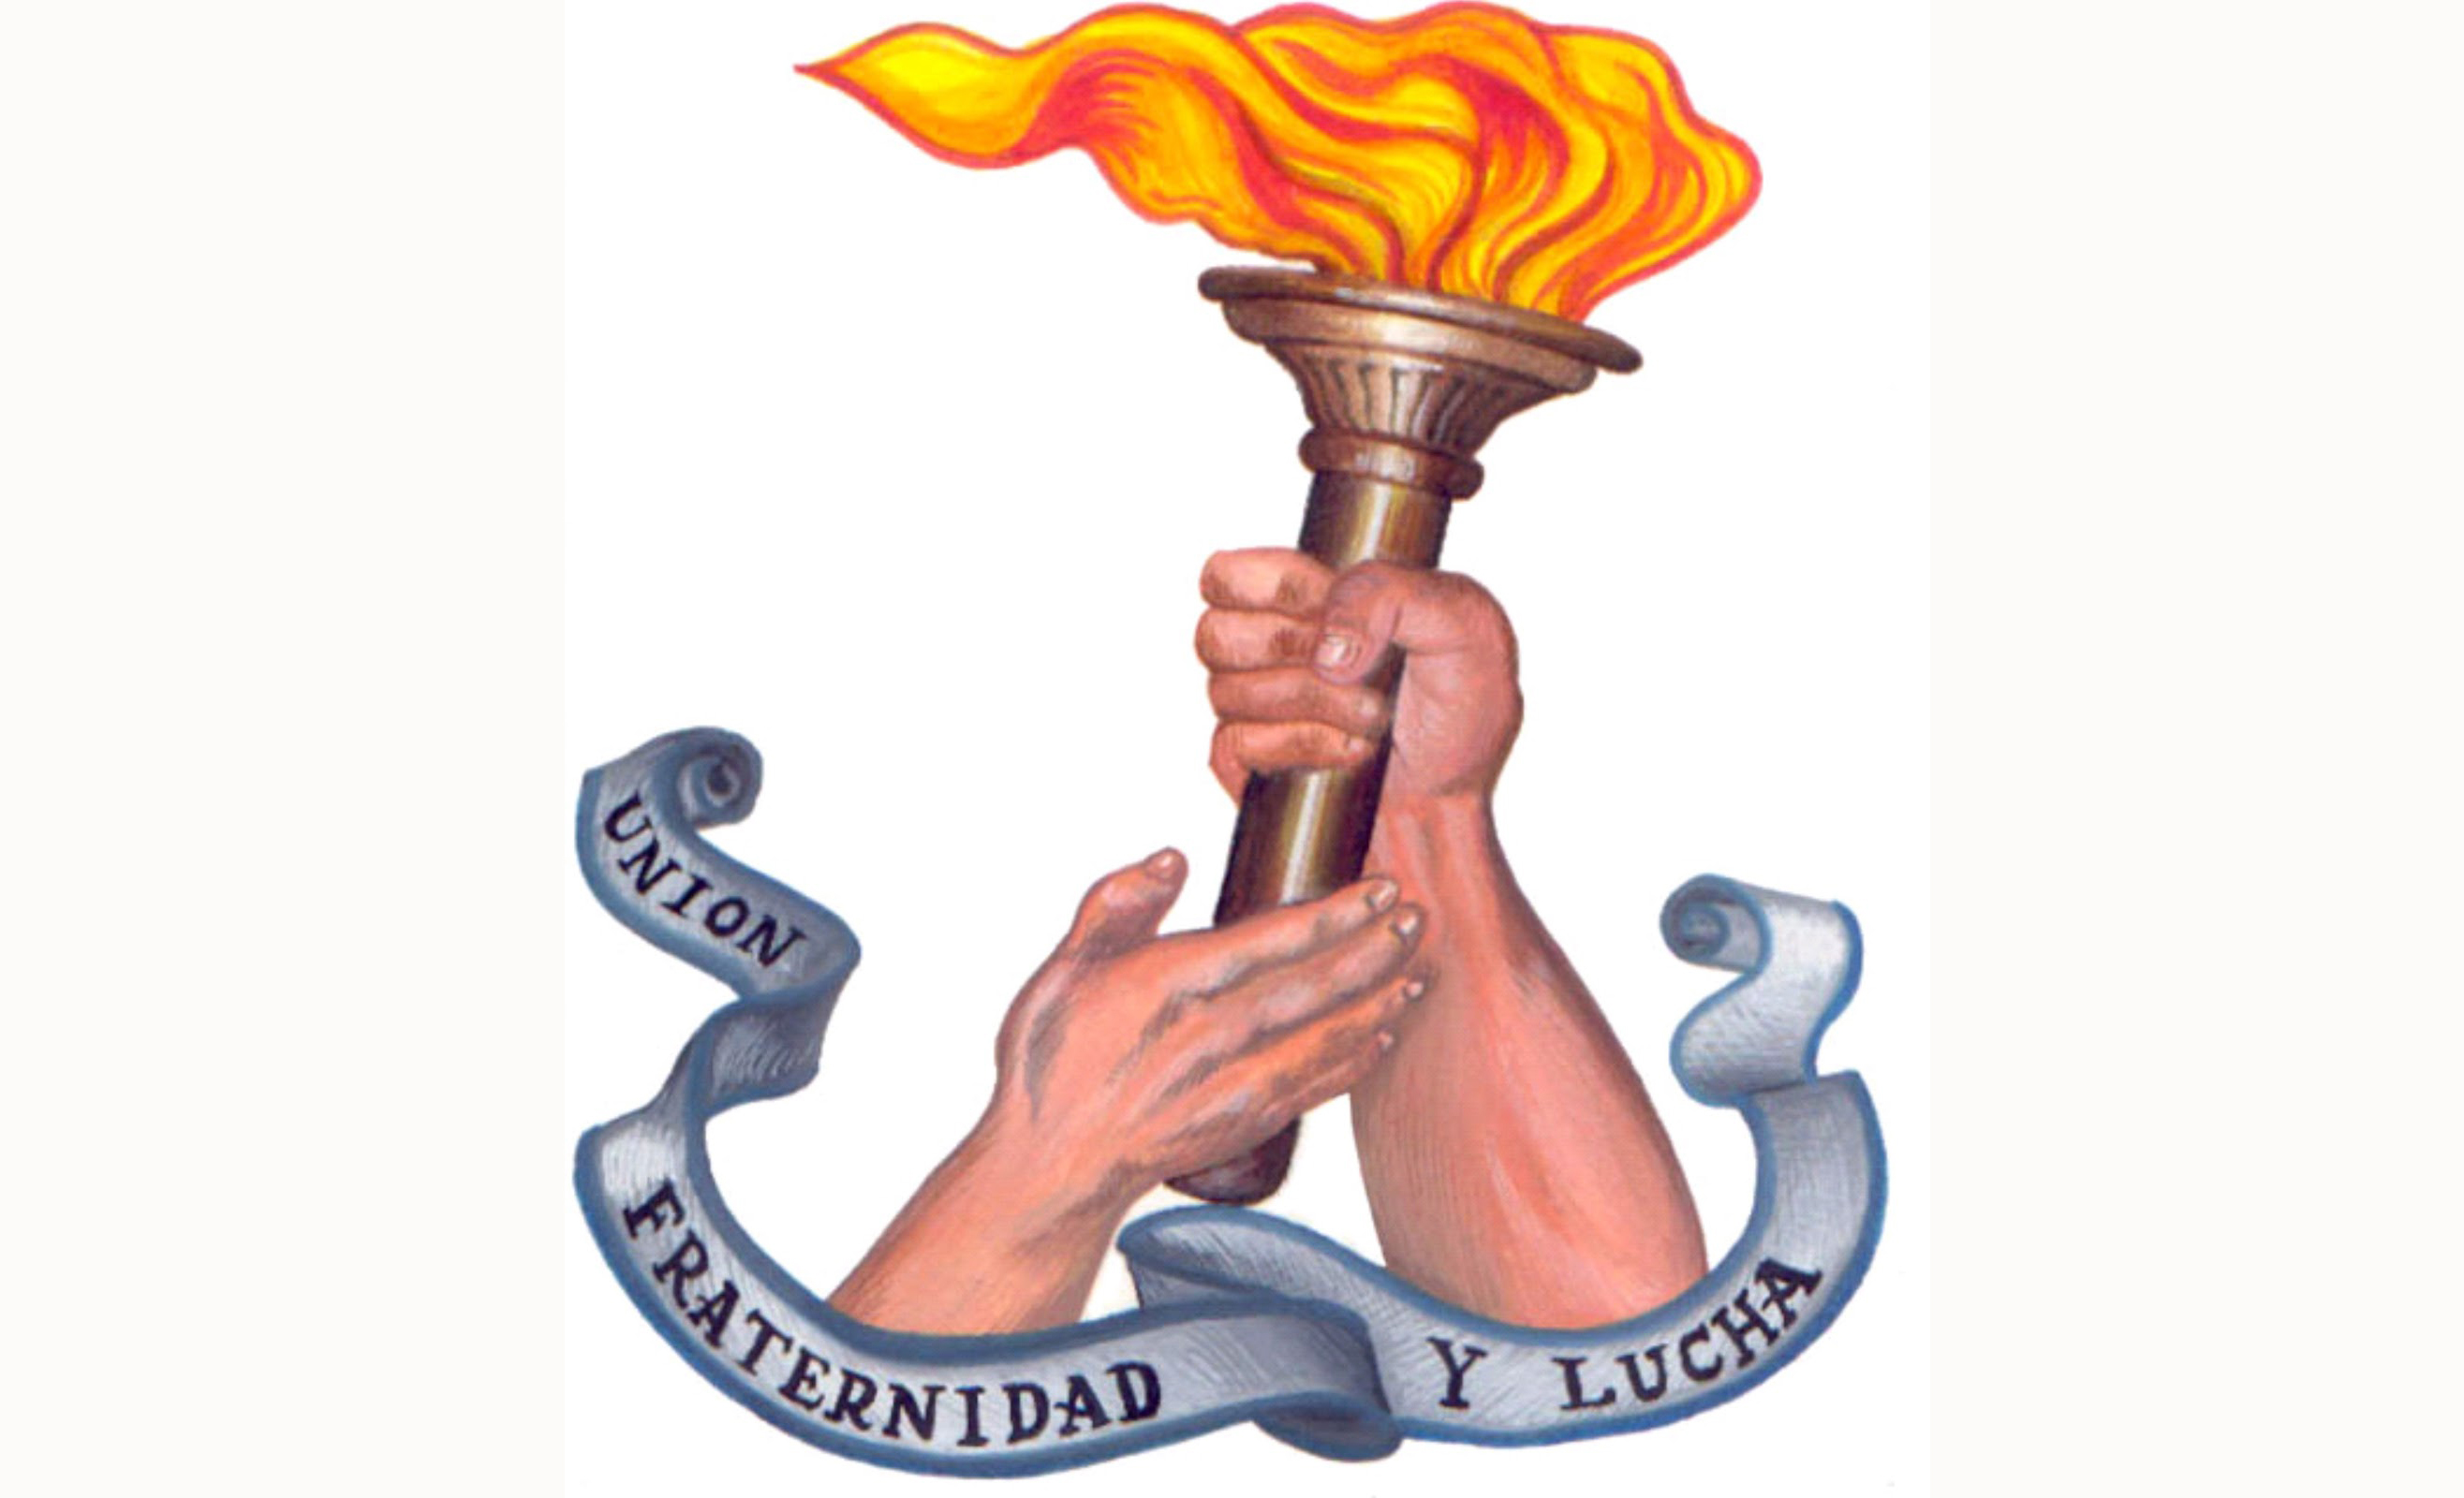 Carta aclaratoria de Antorcha Campesina sobre nota publicada en e-consulta Tlaxcala